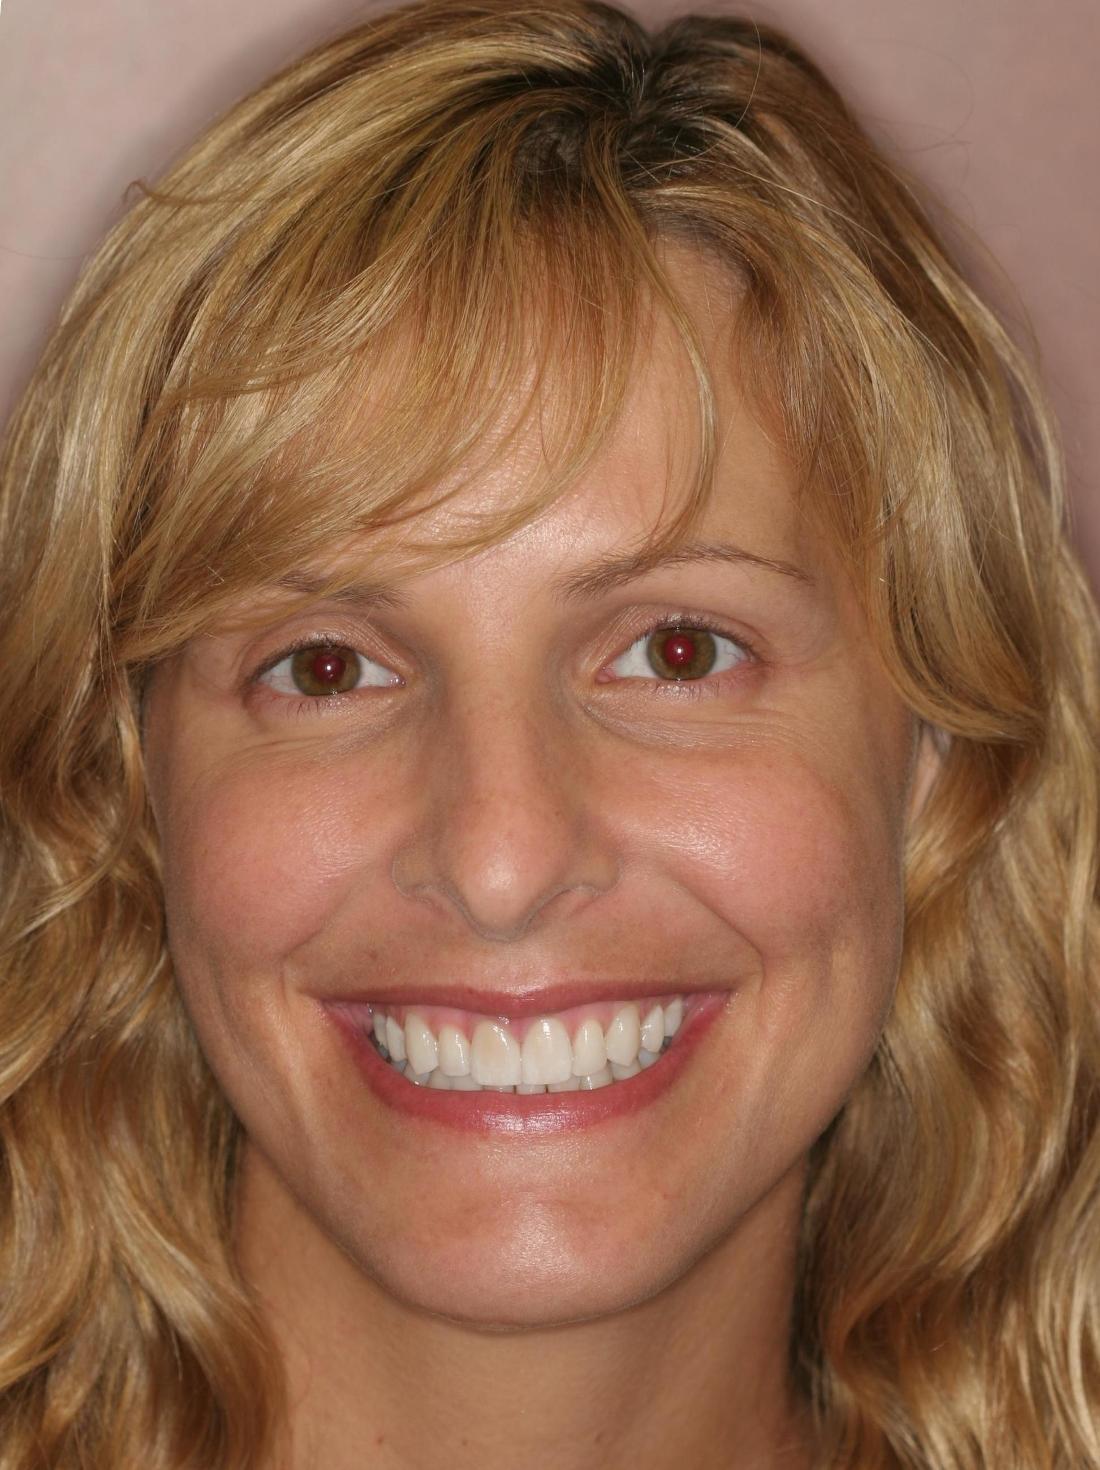 Better Looking Smiles In Alafaya Kathy Veneers